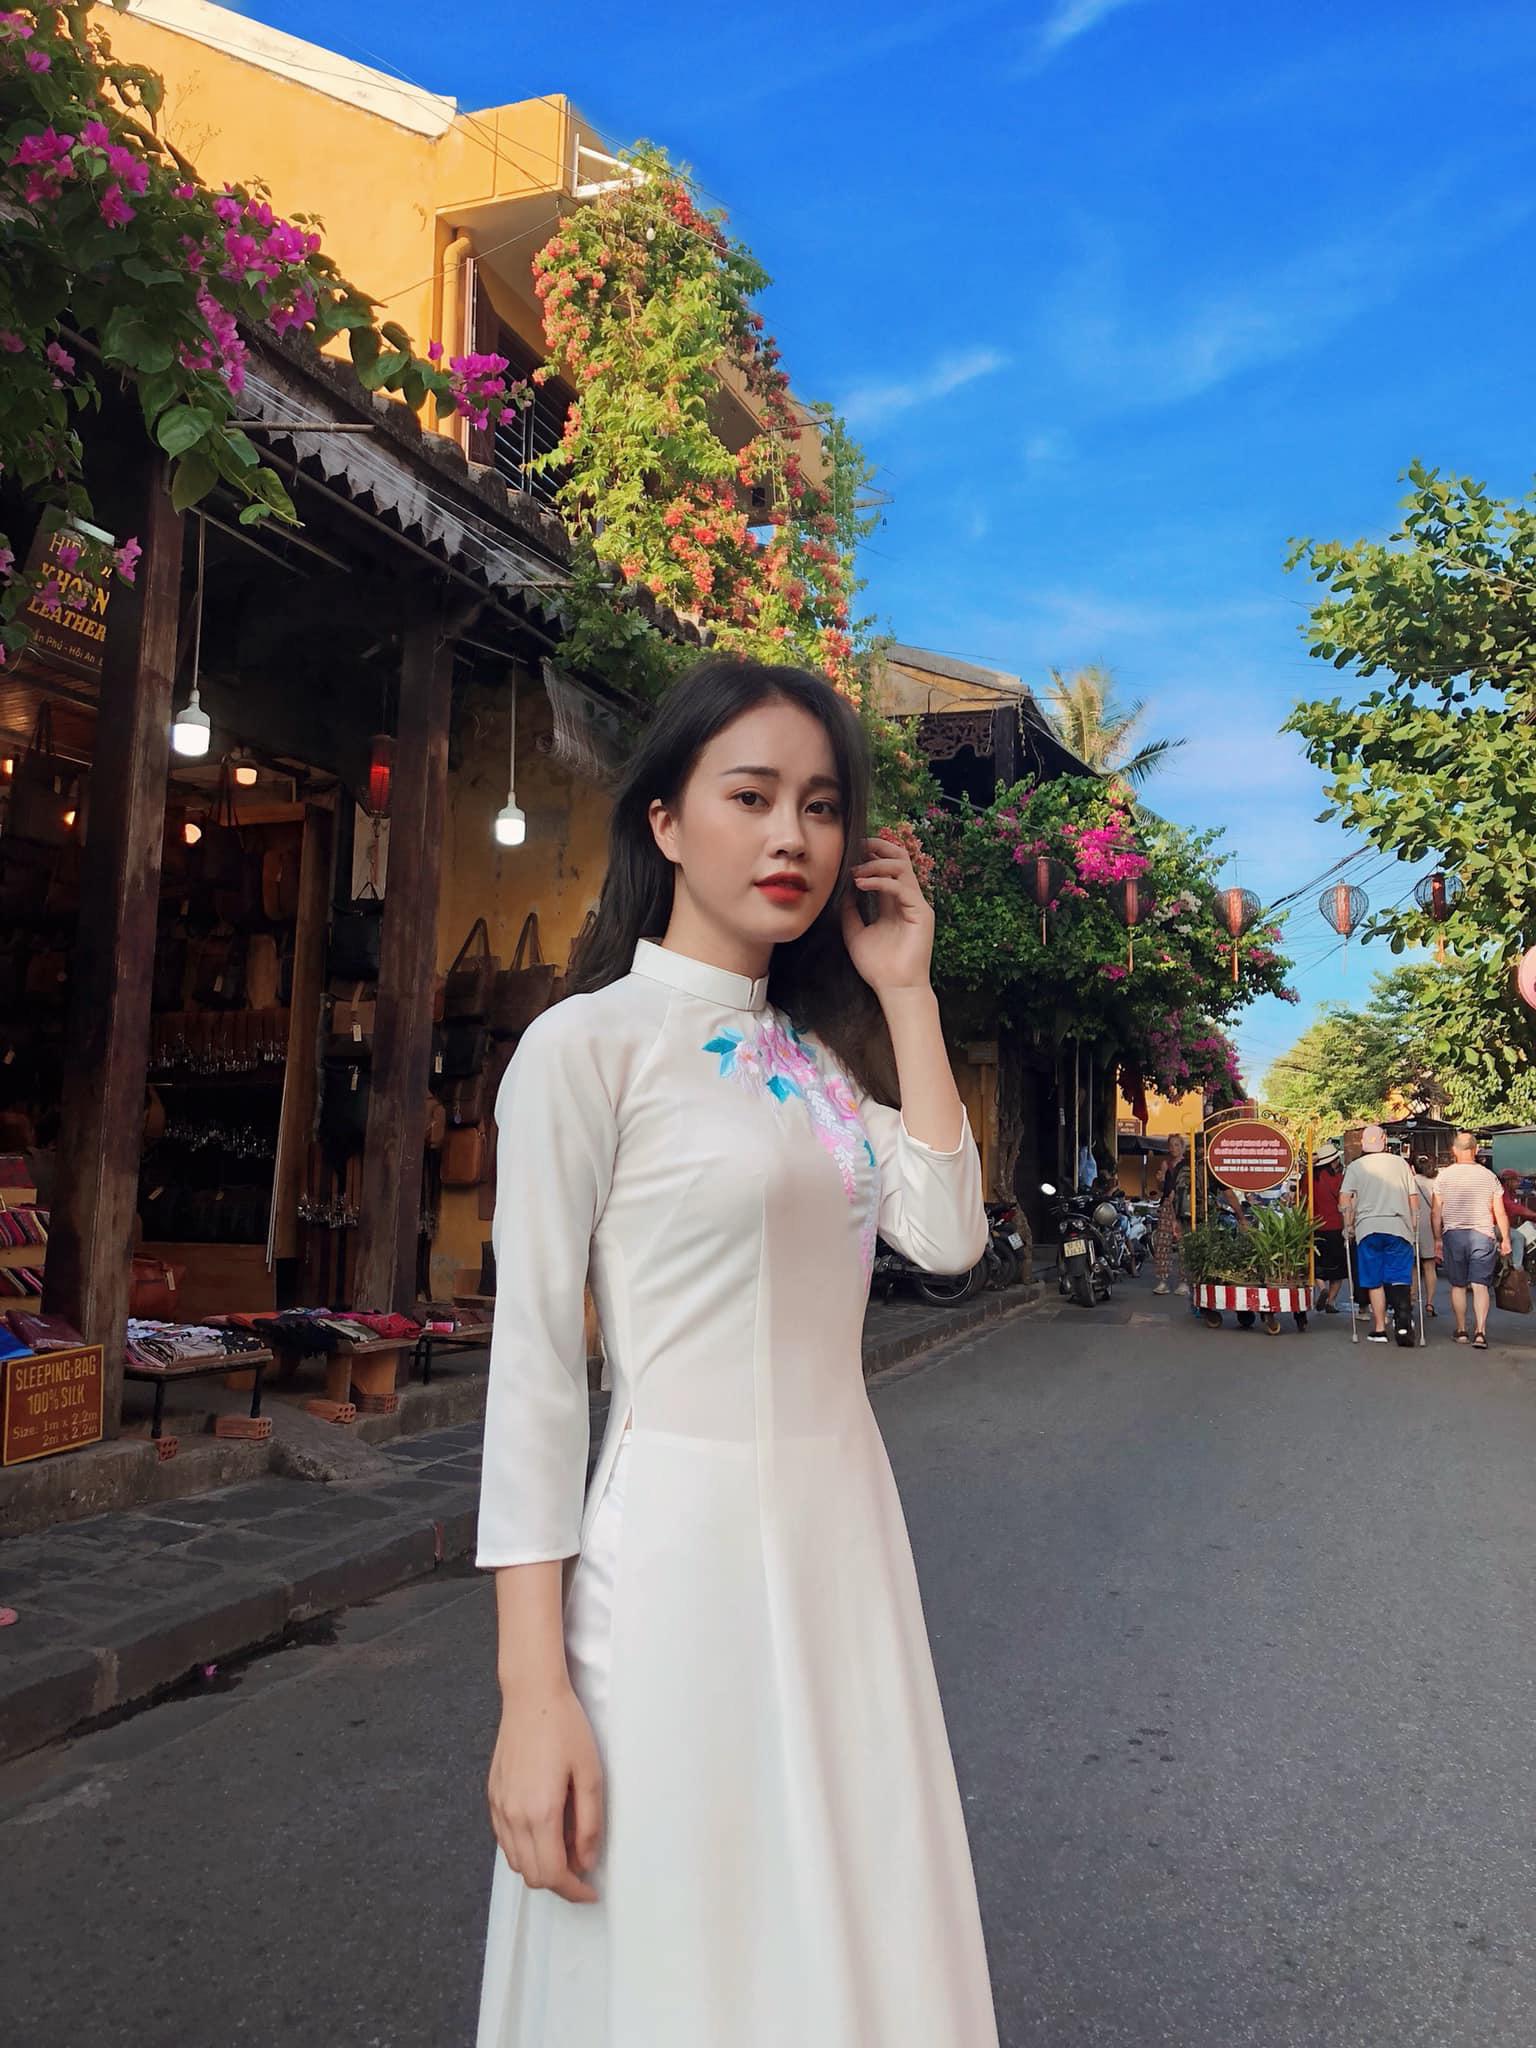 Nữ MC VTV xinh đẹp tựa nữ thần bỗng nhiên là thí sinh Hoa hậu Việt Nam 2020 vì lý do không ngờ là ai? - Ảnh 12.